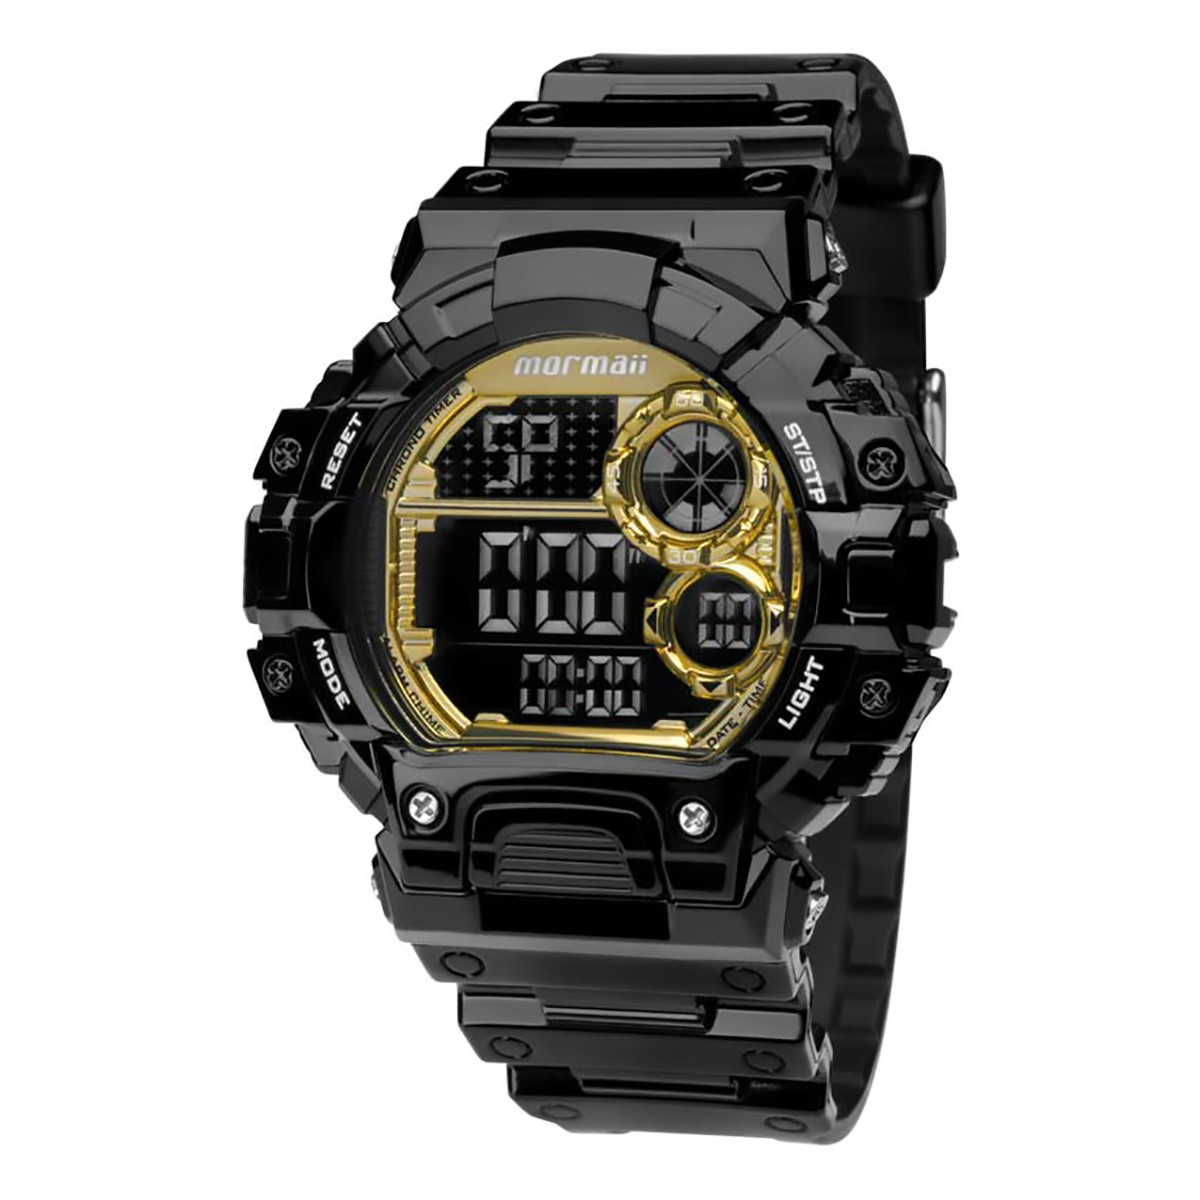 ff1bf5e355f Compre Relógio Mormaii em 10X